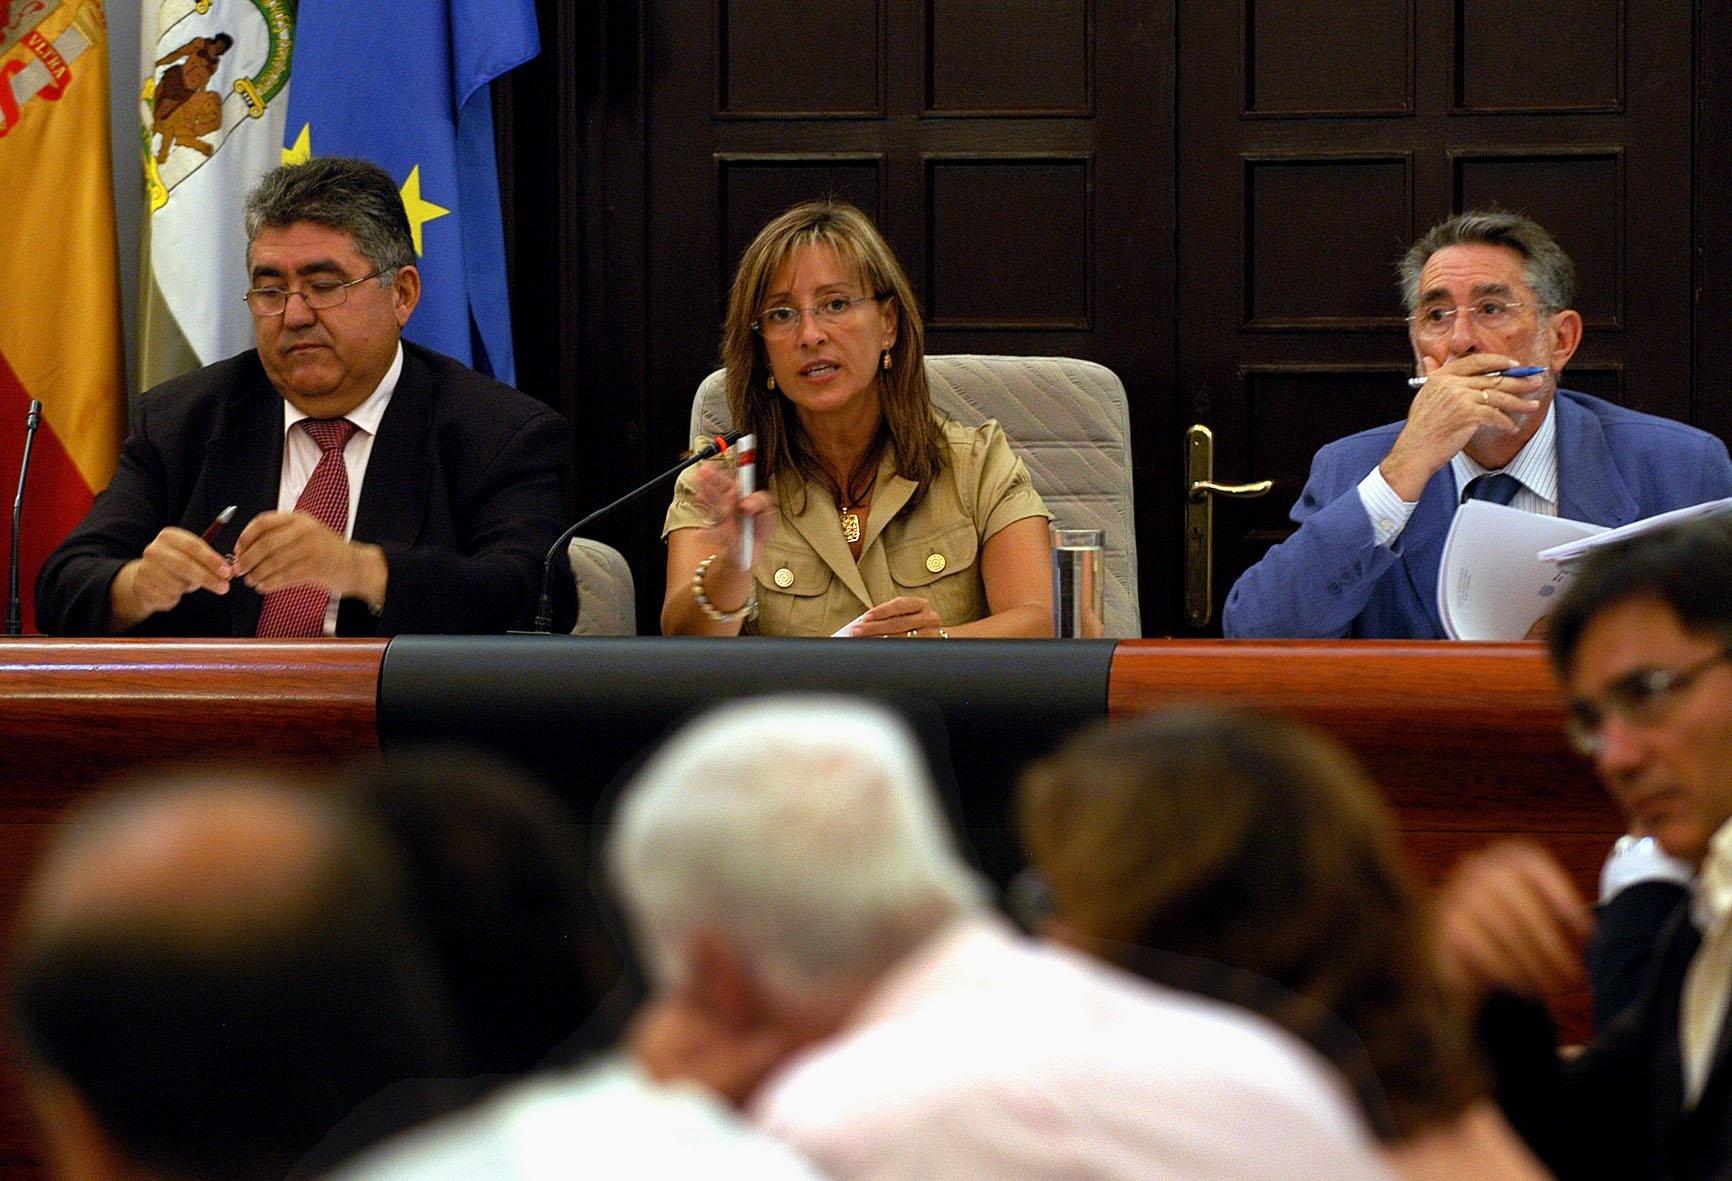 La exalcaldesa de Jerez Pilar Sánchez (PSOE) irá a juicio por el »caso asesores» desde el 13 de enero